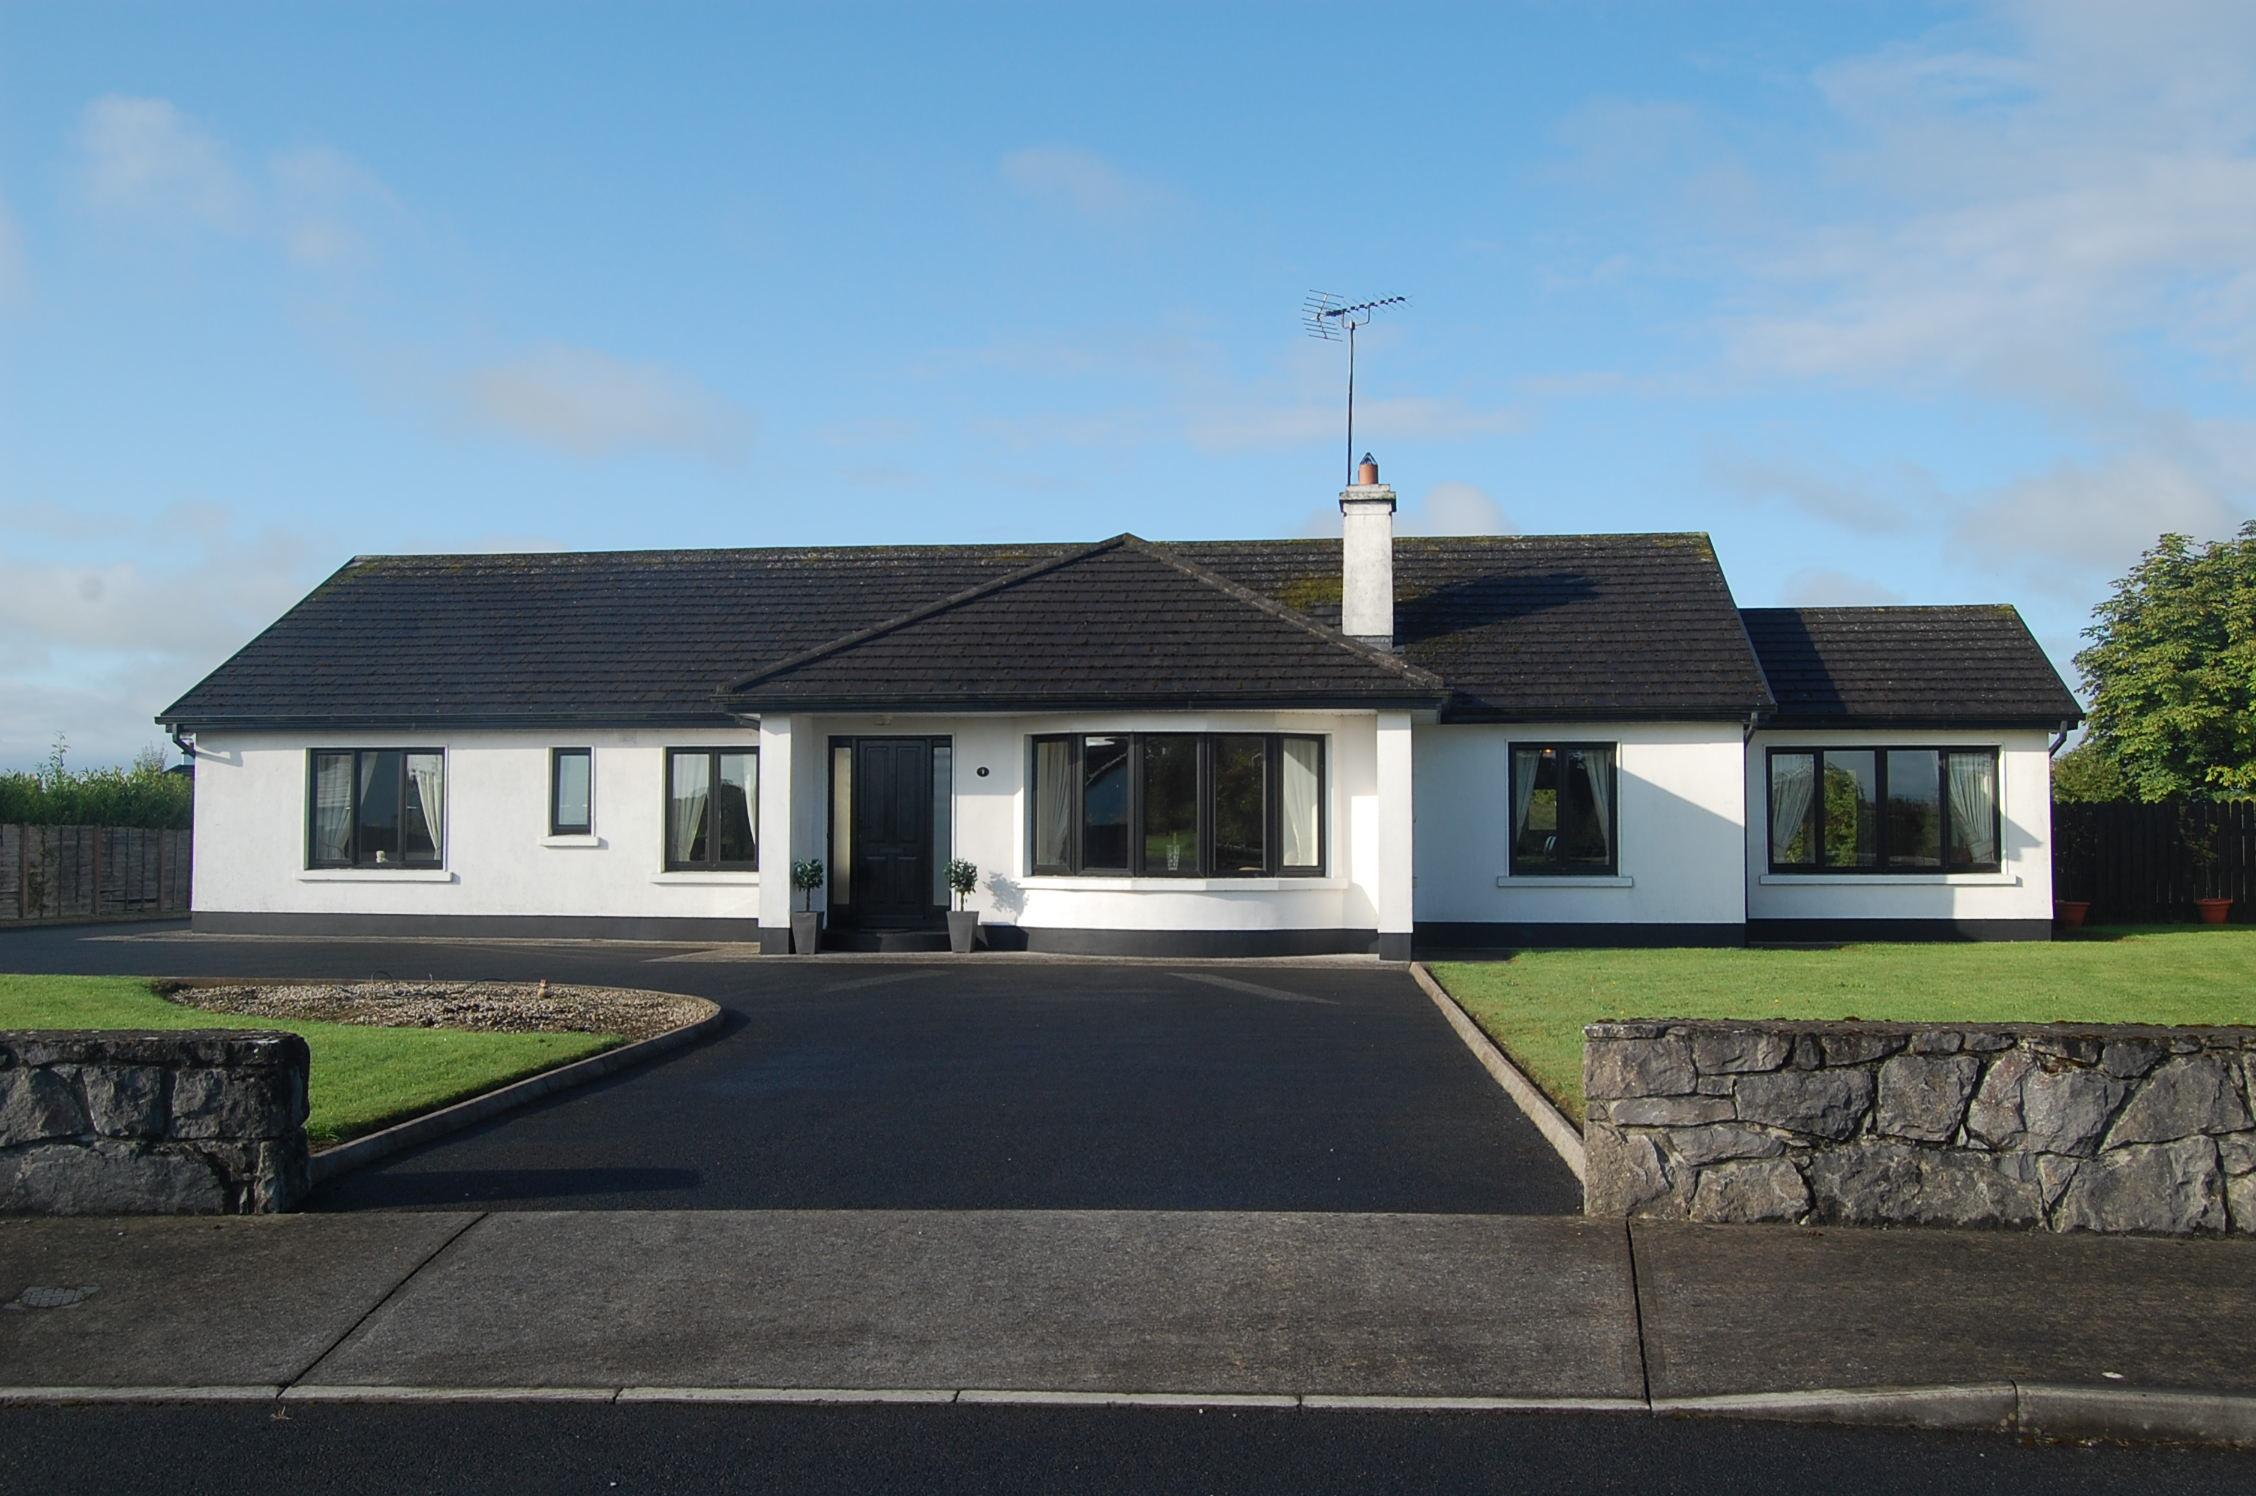 3 Caislean Cuirte, Corofin, Co. Galway Eircode: H54 X854